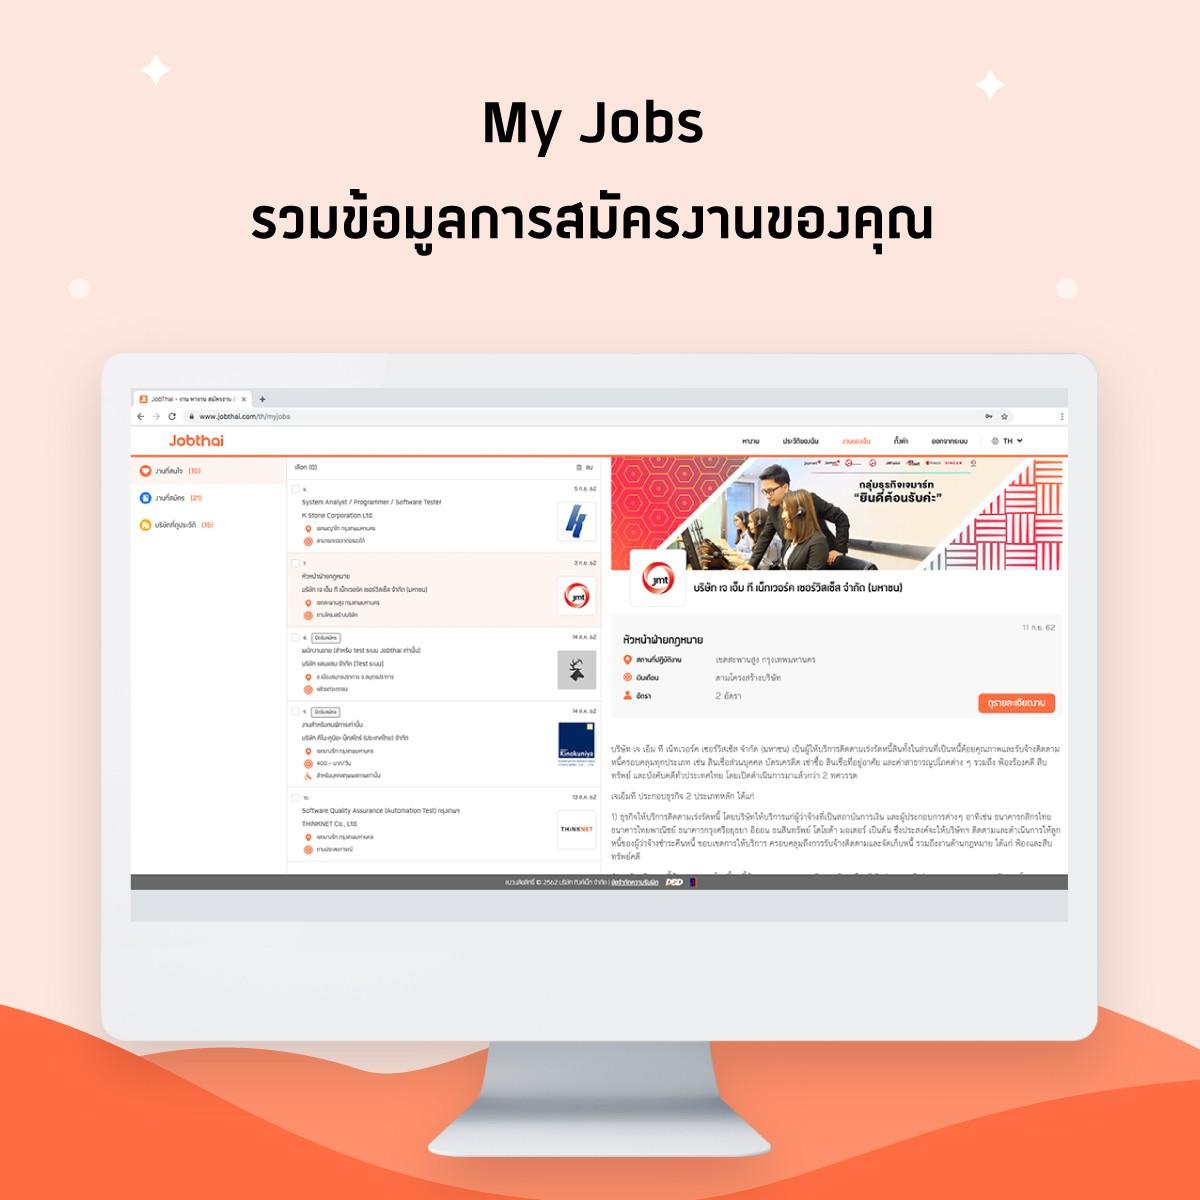 JobThai เว็บไซต์ดีไซน์ใหม่ My Jobs รวบรวมข้อมูลการหางาน สมัครงาน ของคุณ